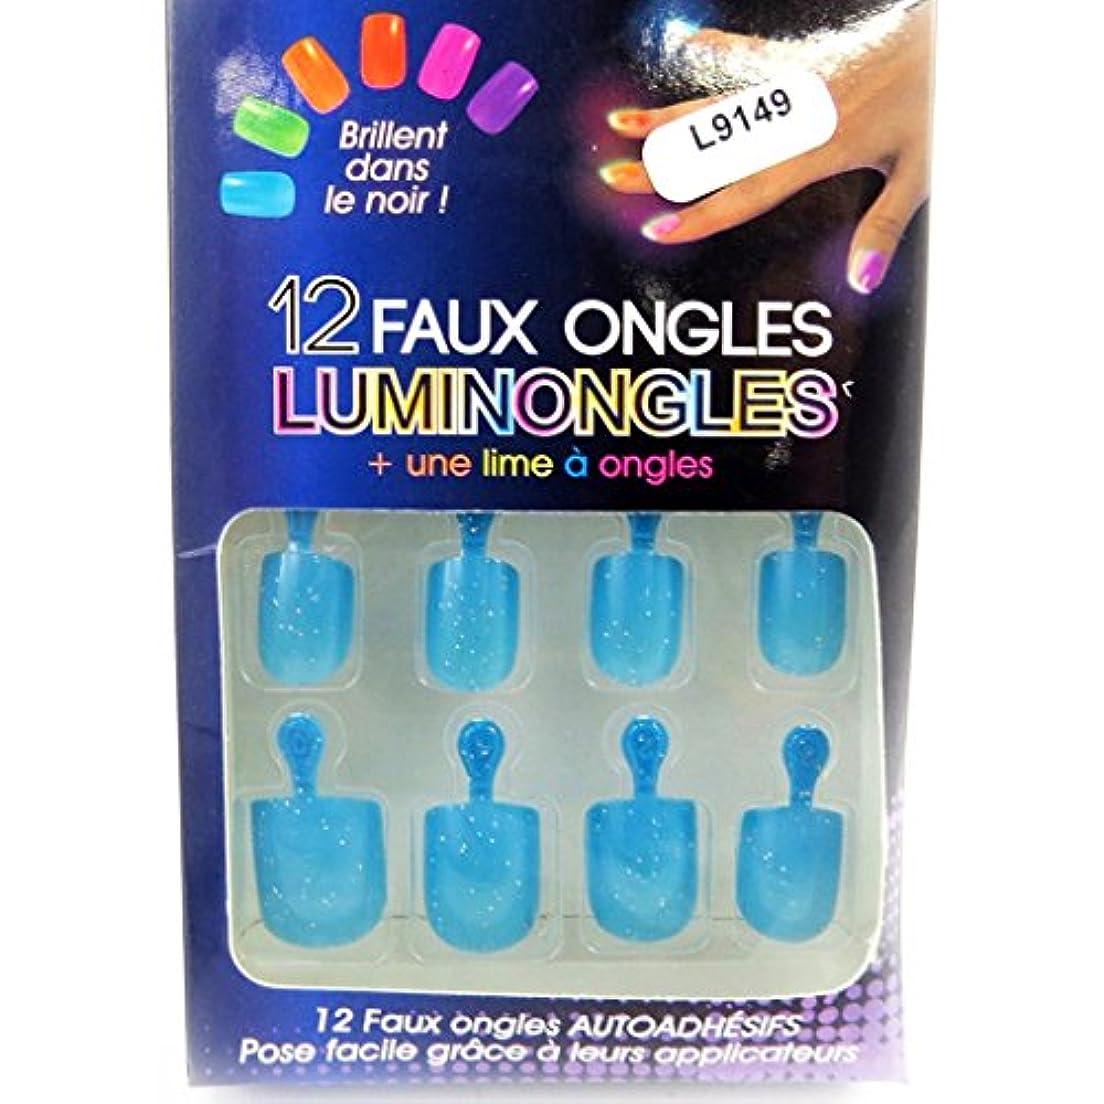 それからハブブ先のことを考える[リリーの宝 (Les Tresors De Lily)] (Luminongles コレクション) [L9149] アクリルスカルプチュア ブルー